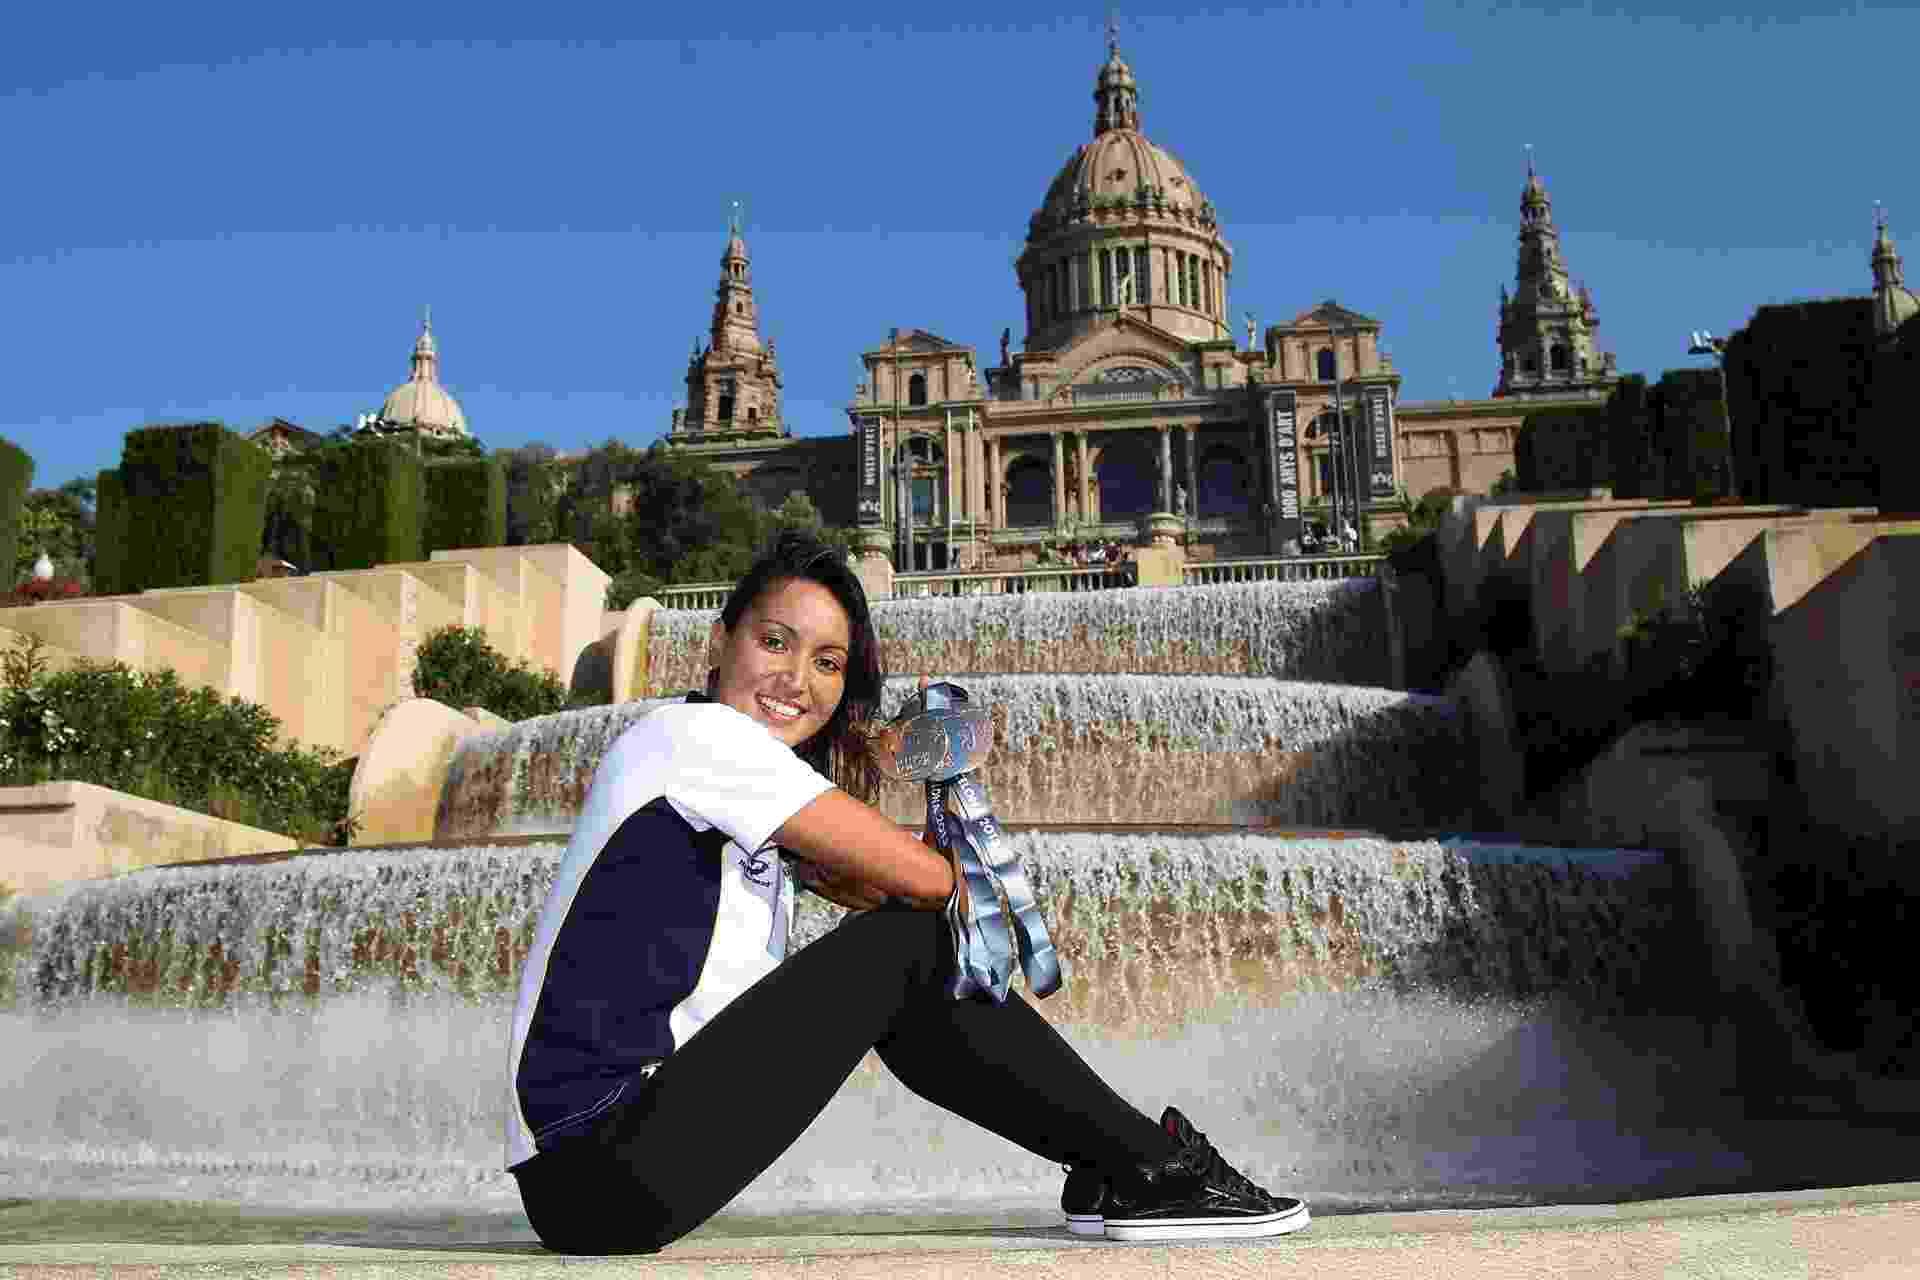 25.jul.2013 - Poliana Okimoto exibe suas três medalhas conquistadas na maratona aquática em frente ao Museu Nacional de Arte da Catalunha, em Barcelona - Satiro Sodré/SSPress